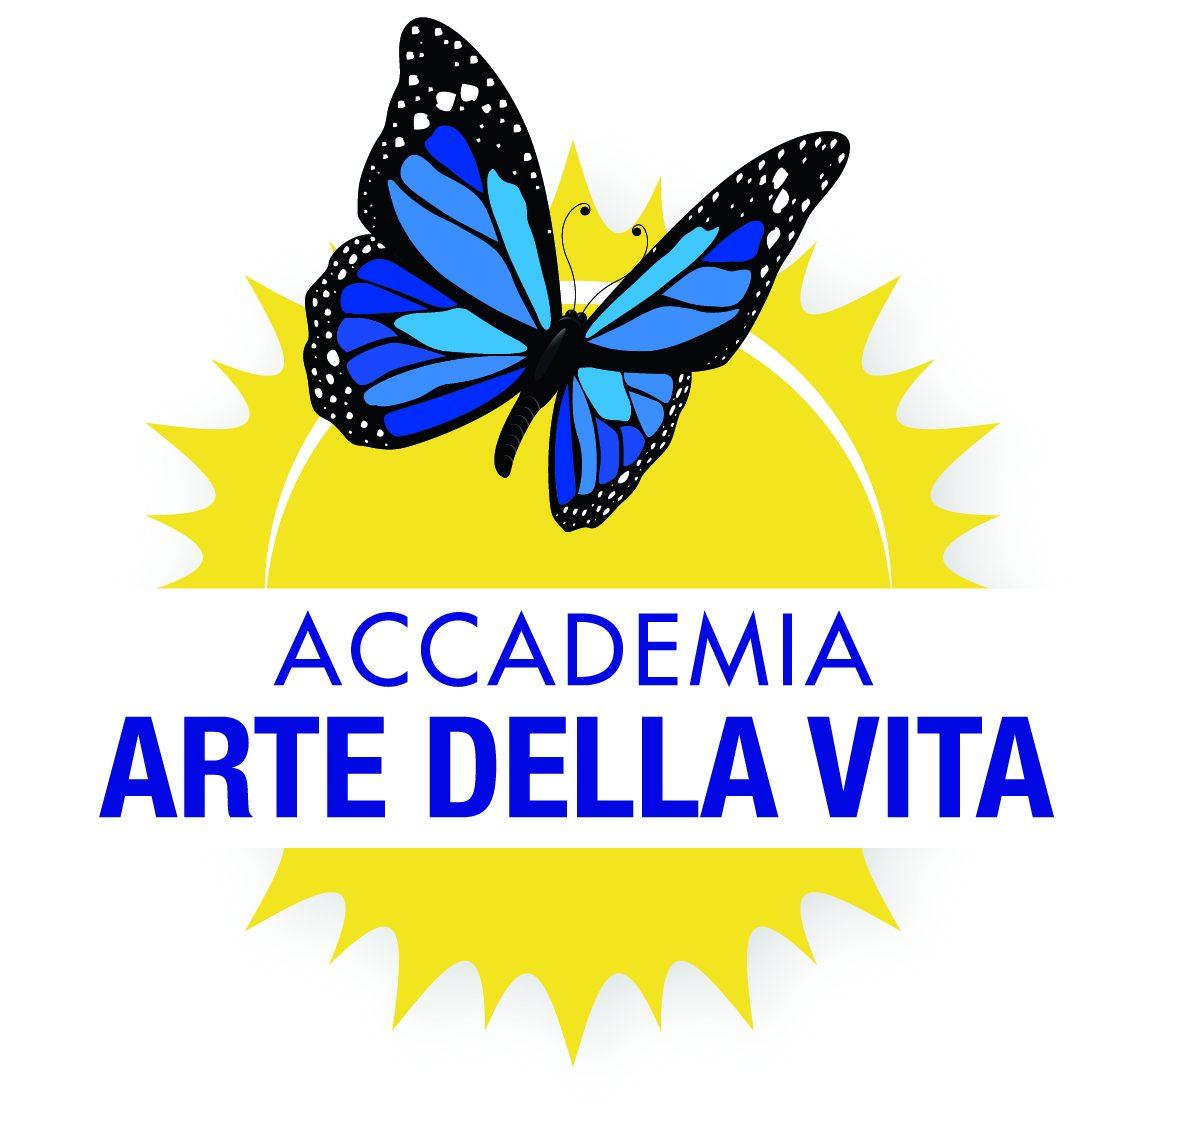 Accademia Arte della Vita